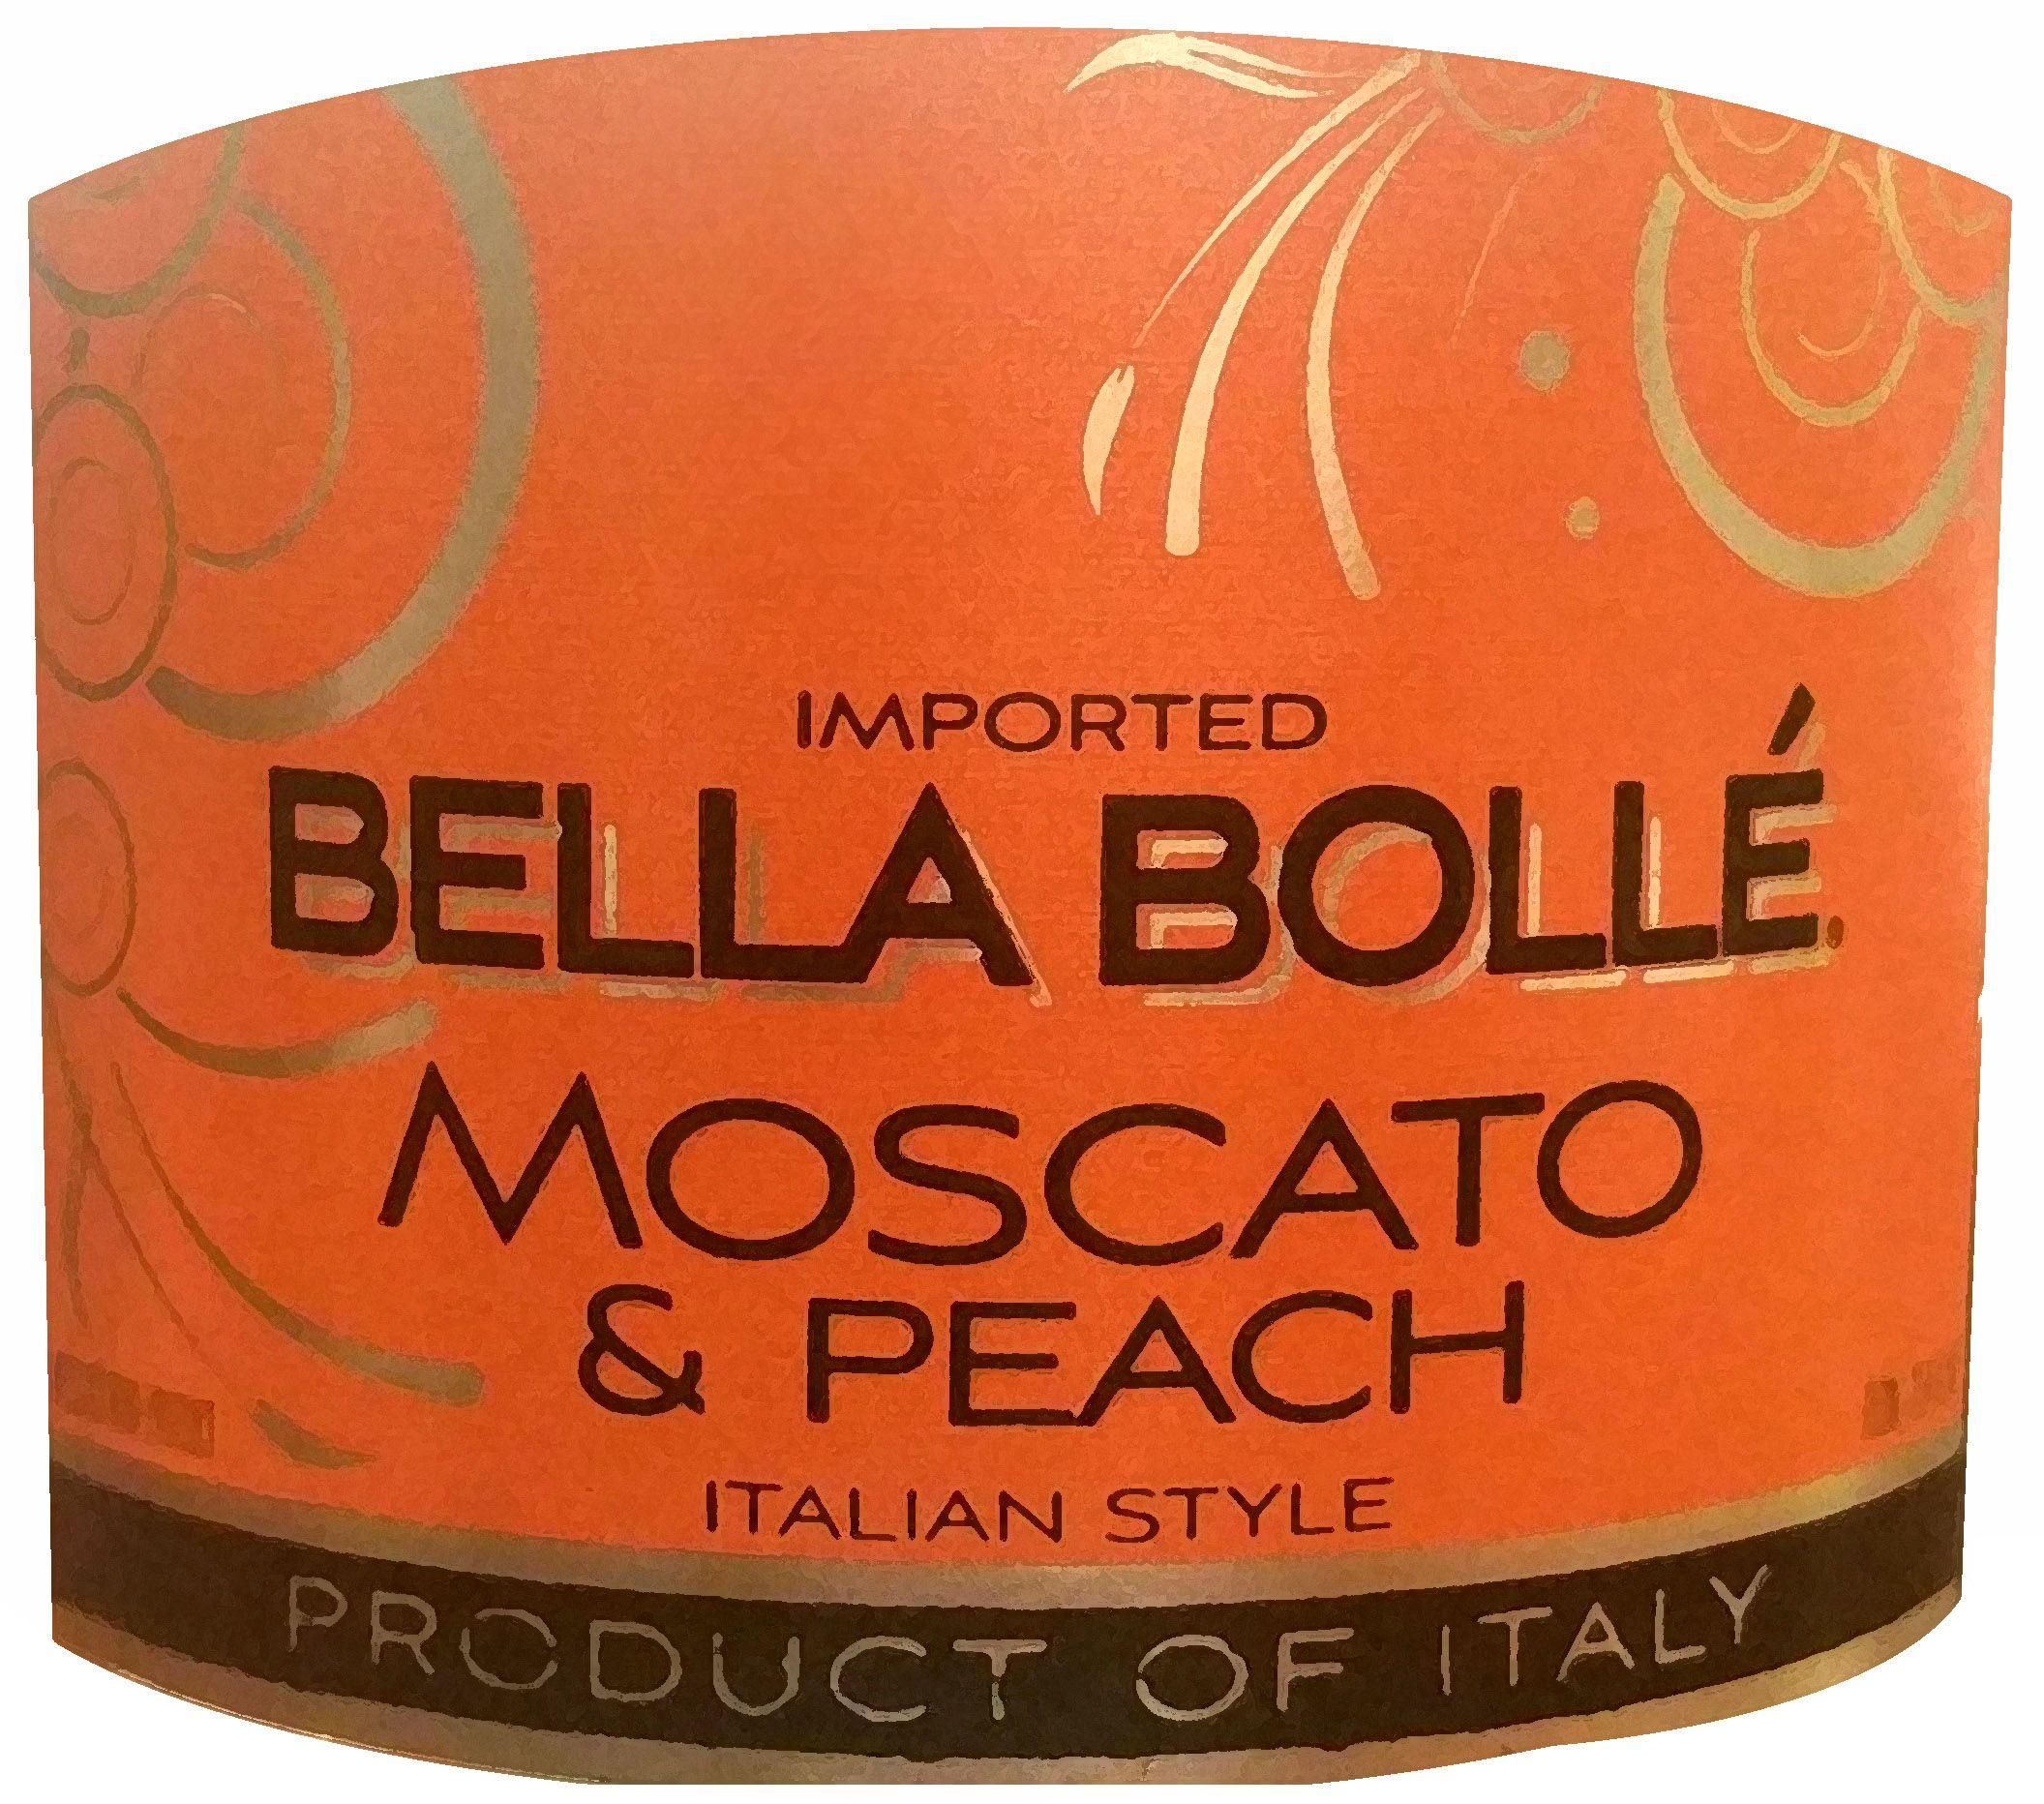 Bella Bolle Moscato Peach Moscato Peach Italian Style